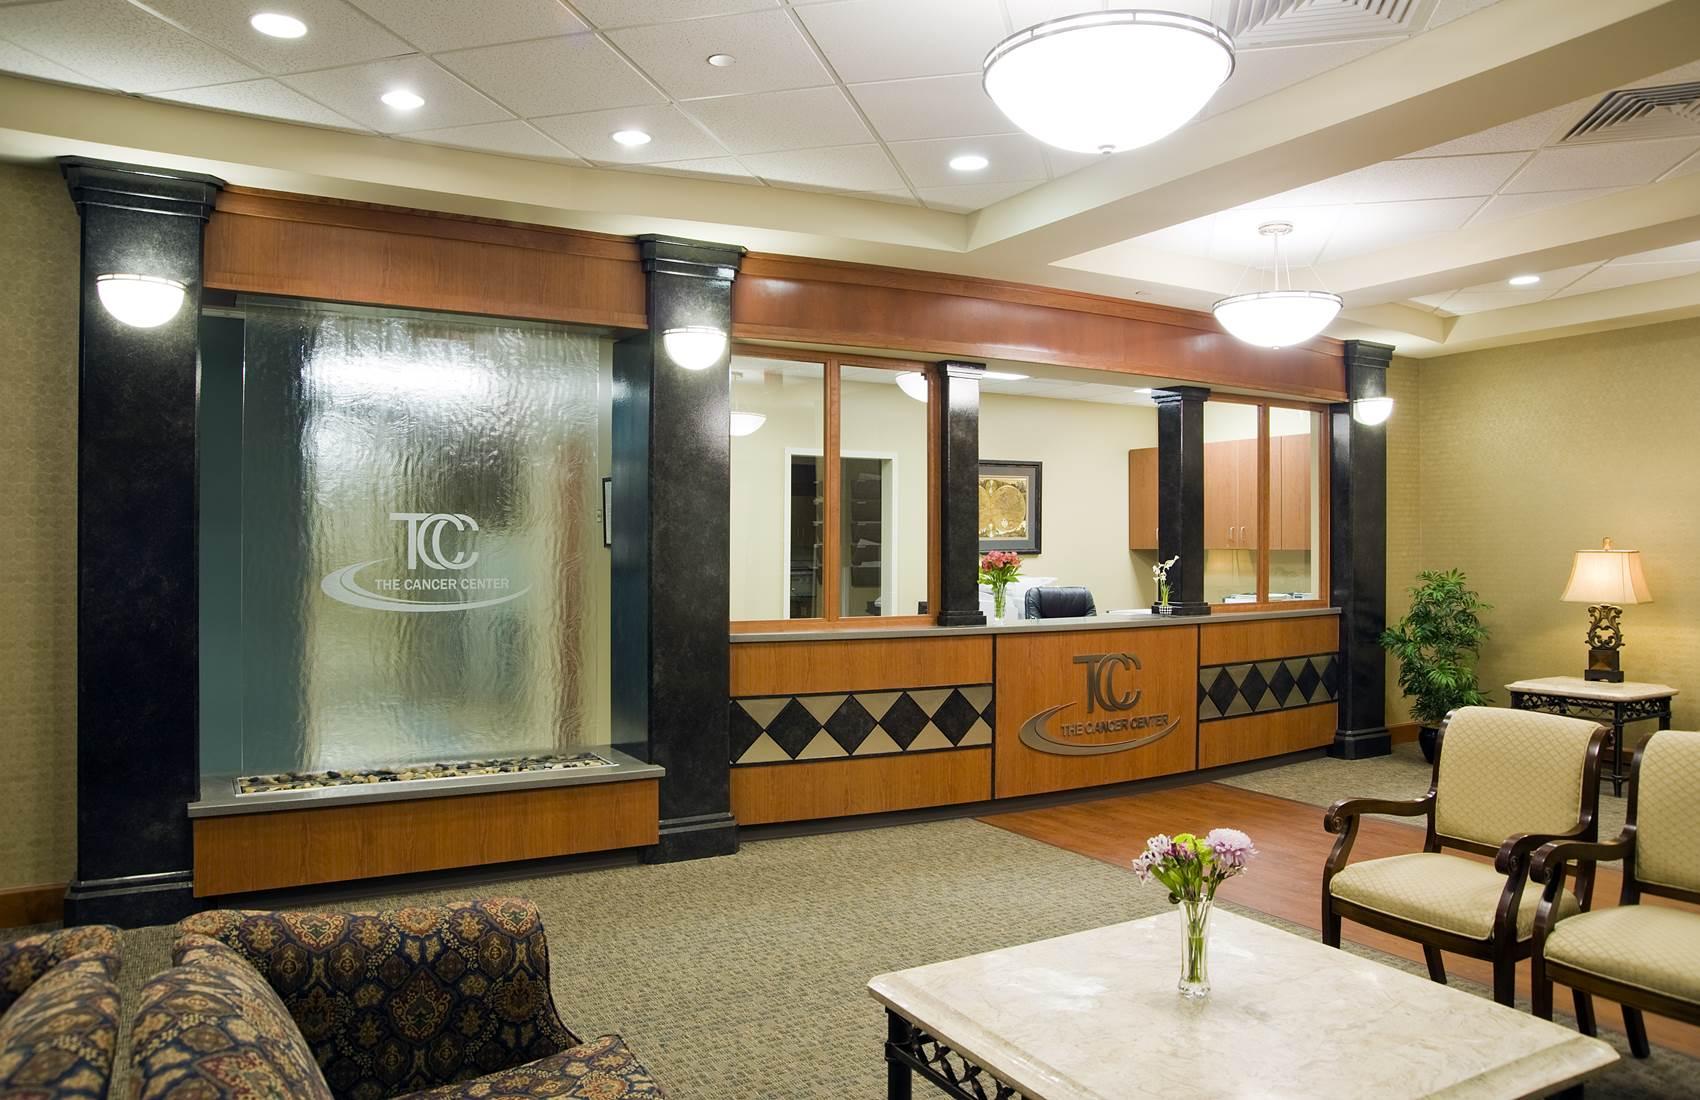 Huntsville Hospital cancer center lobby